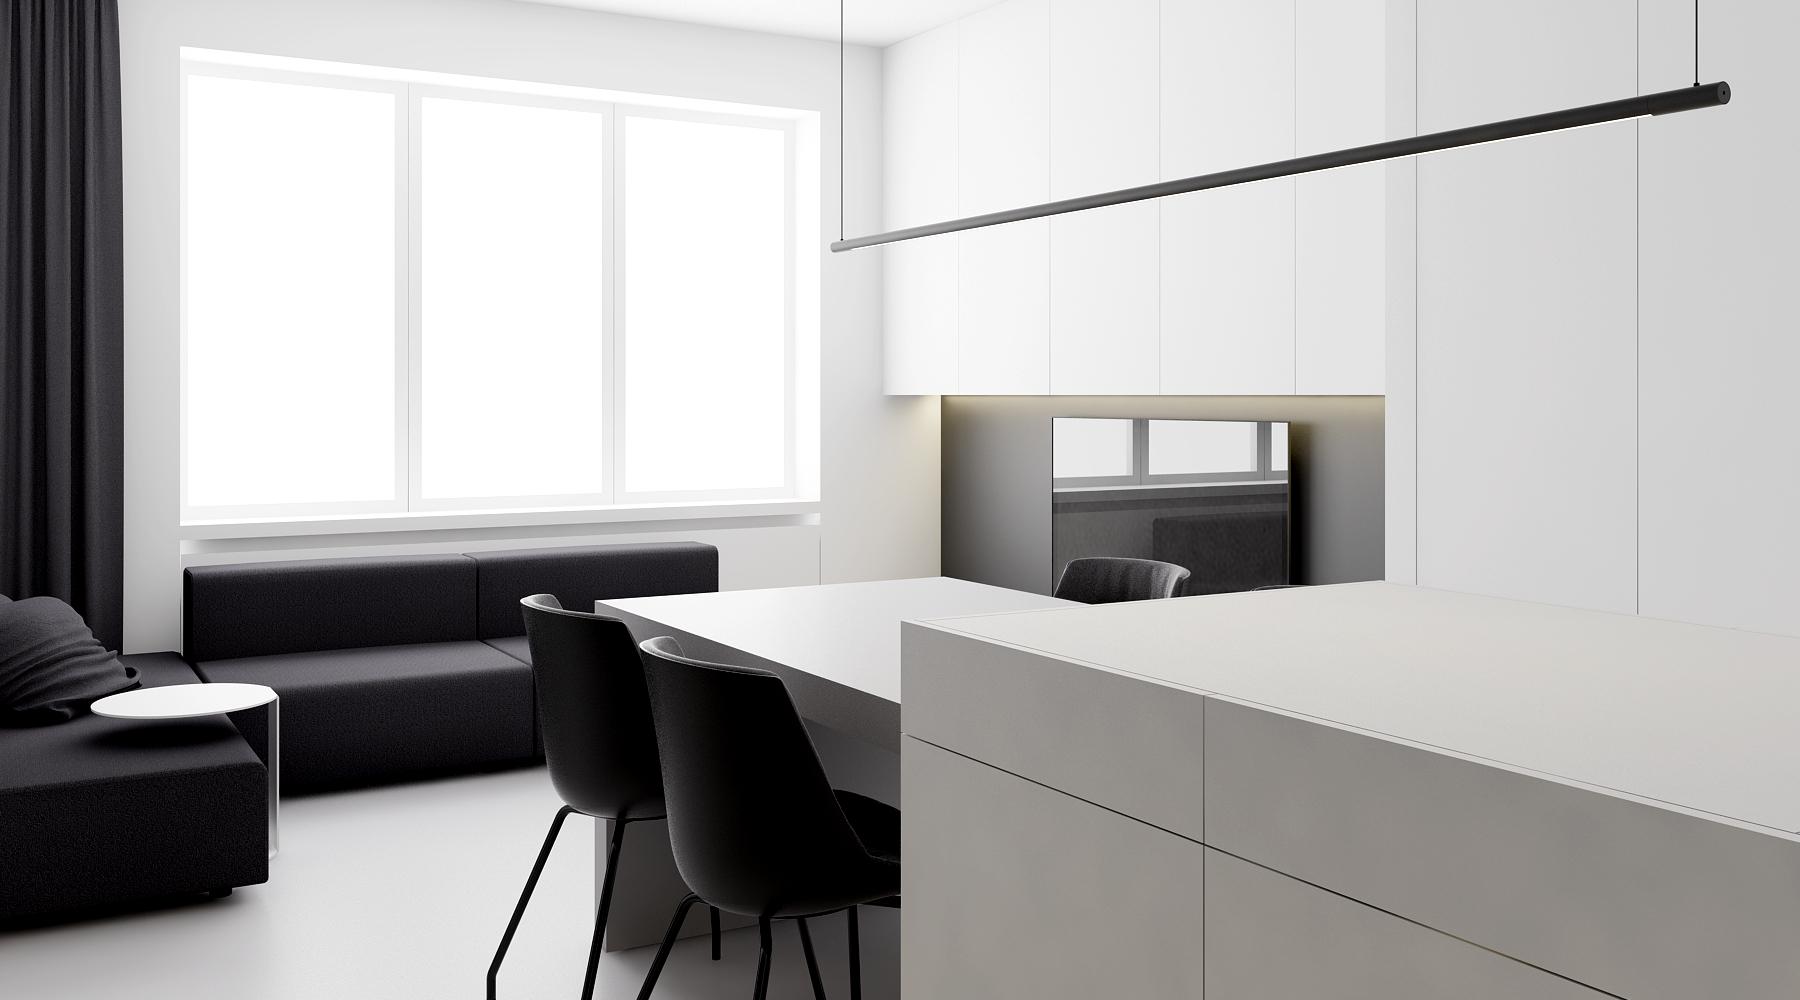 projekt_mieszkania_w_warszawie_aranzacja_minimalistyczne_wnetrze_inuti_lukasz_rzad_05